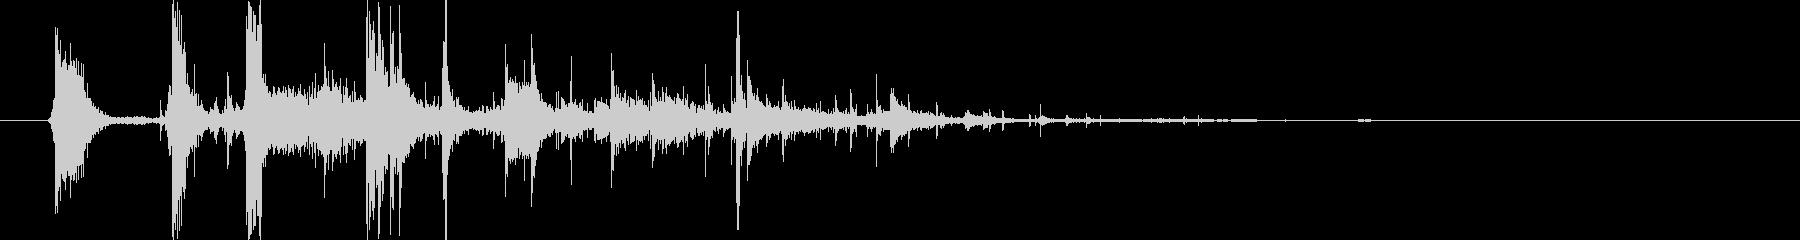 ガシャーン(グラスコップが割れる音)の未再生の波形